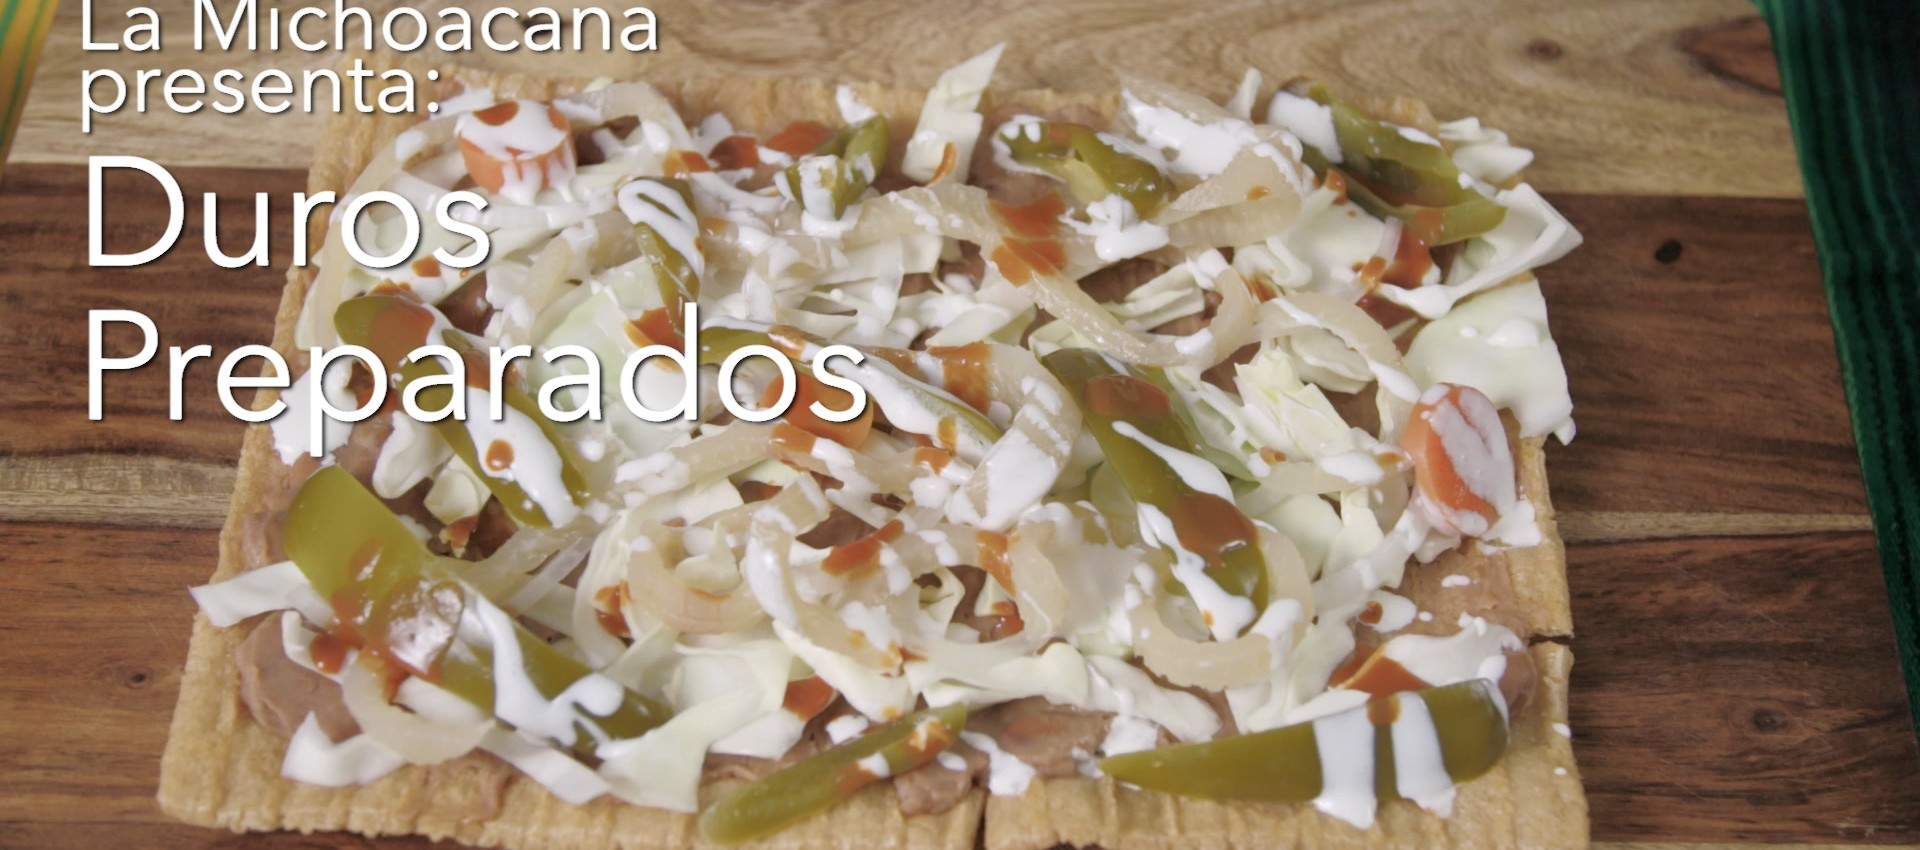 Imagen de Duritos Mexicanos